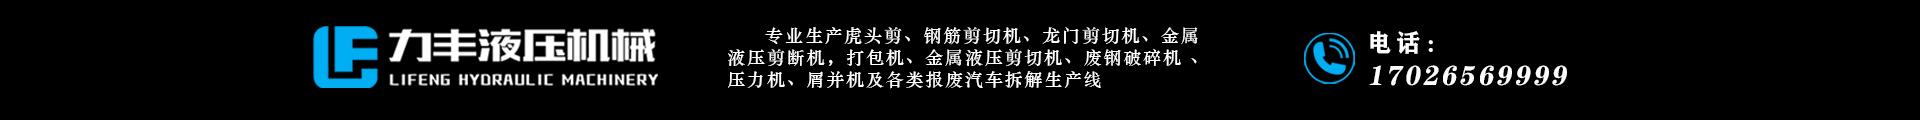 江阴市力丰液压机械设备有限公司